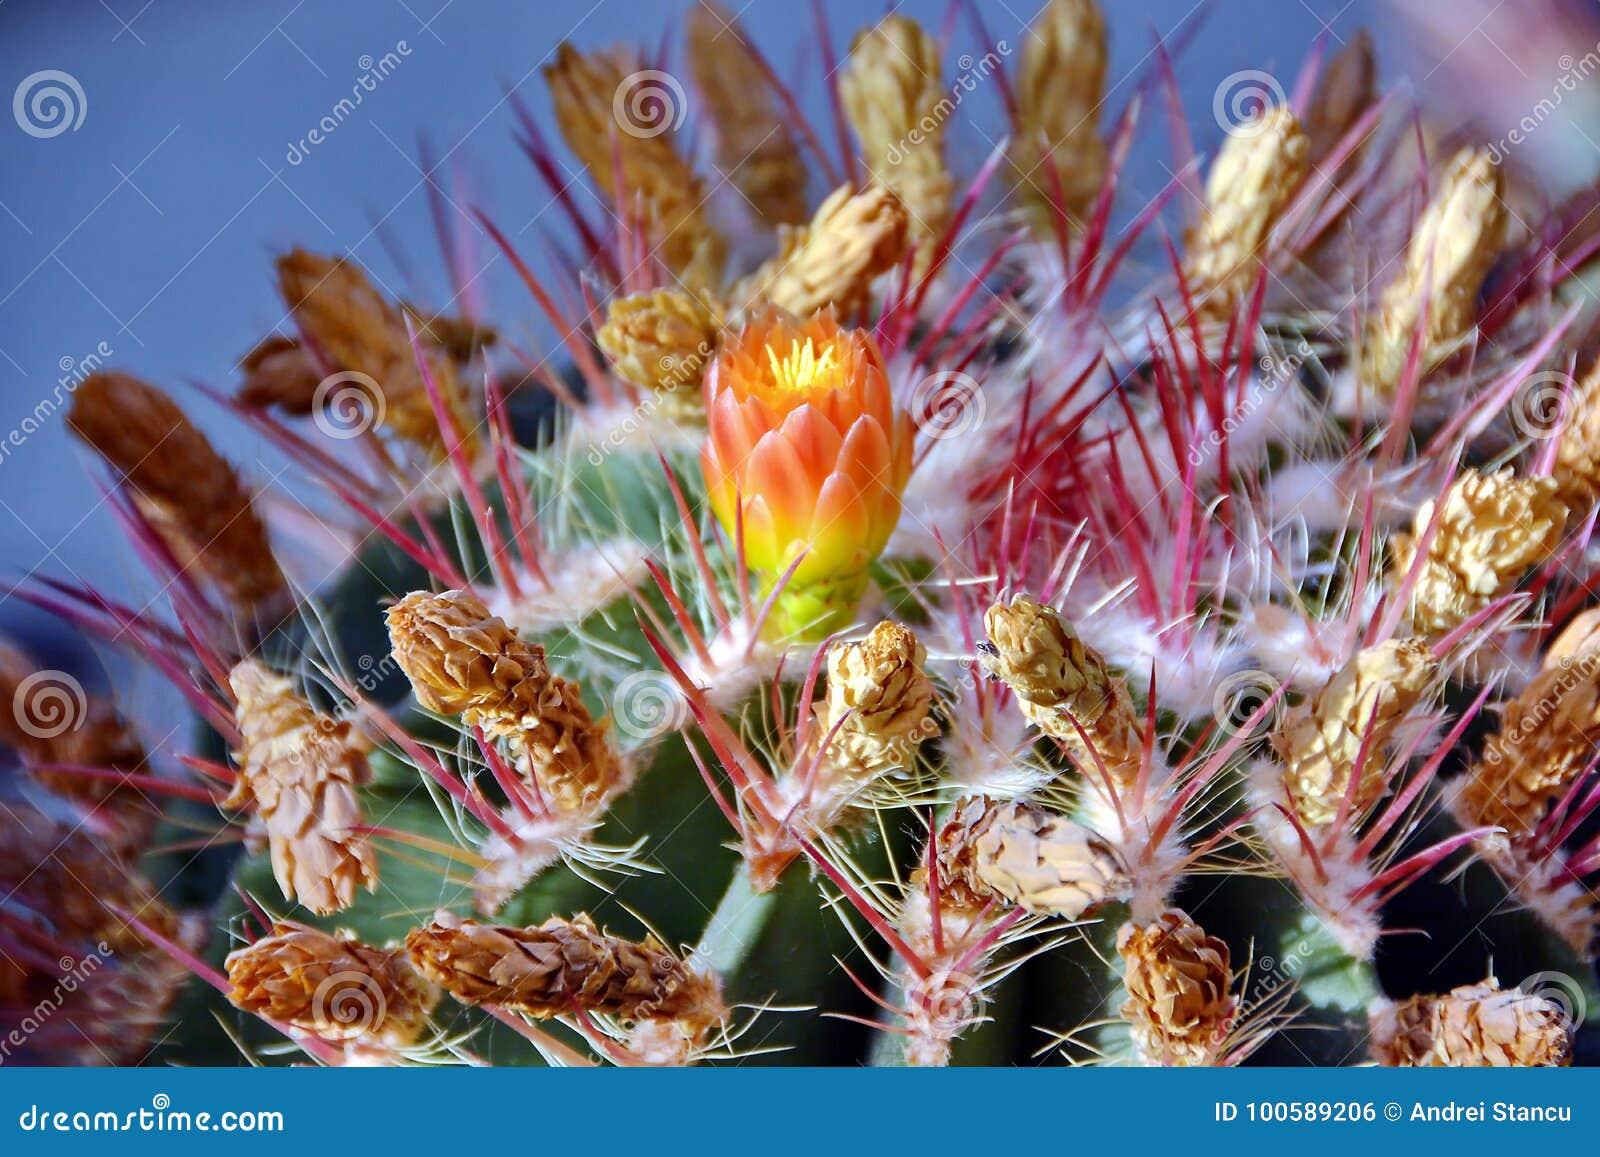 仙人掌花开花